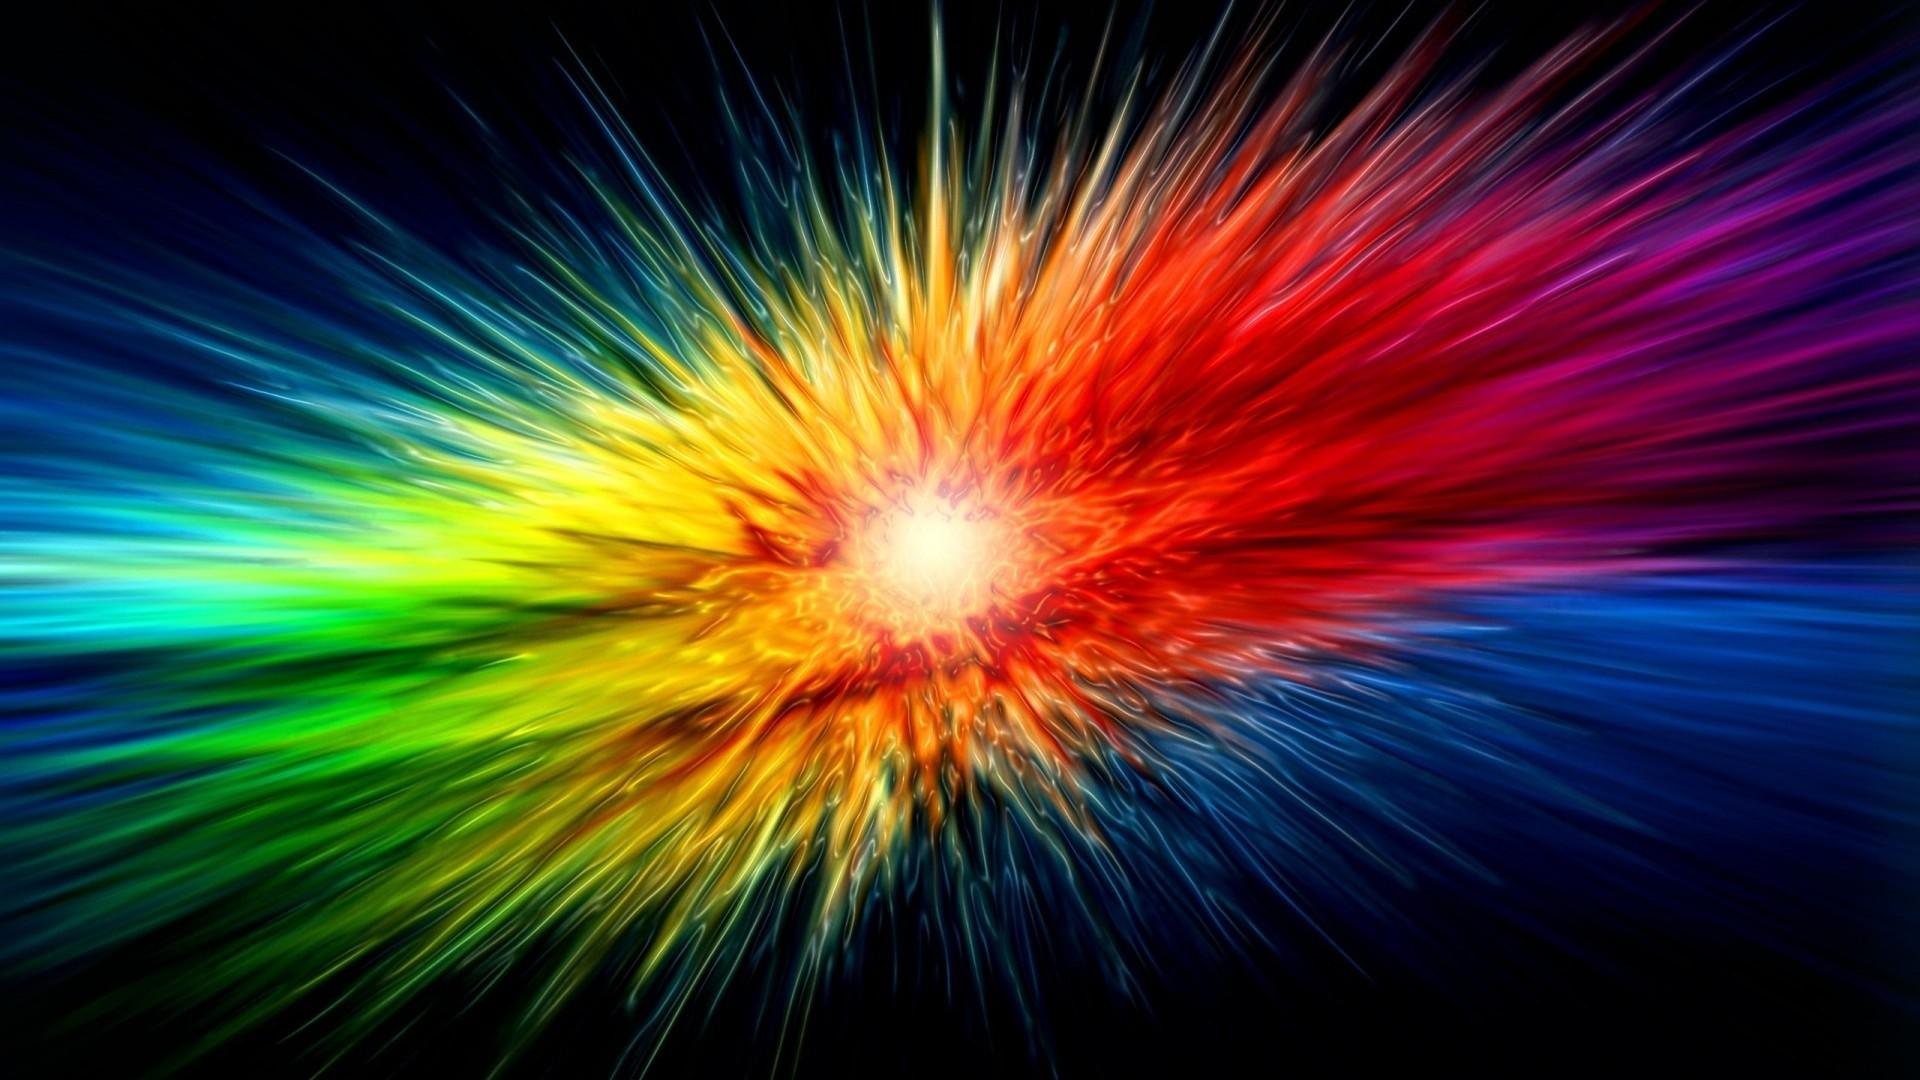 Sfondi colori 72 immagini - Immagini di tacchini a colori ...